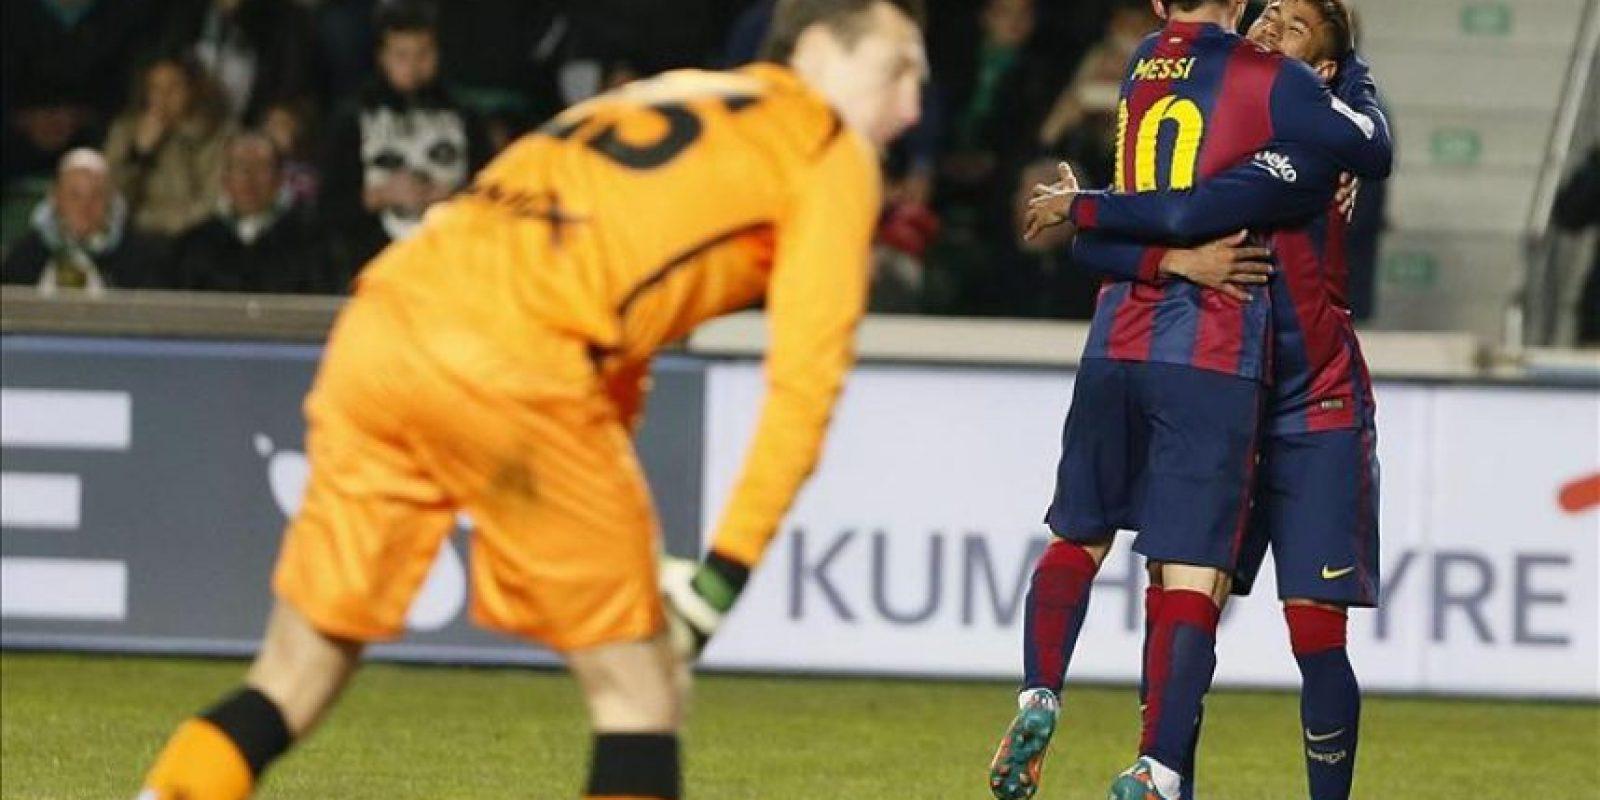 El delantero brasileño del FC Barcelona Neymar da Silva (d) celebra con su compañero Leo Messi la consecución del cuarto gol de su equipo ante el Elche durante el partido de la vigésima jornada de liga en Primera División que se disputó en el estadio Martínez Valero. EFE